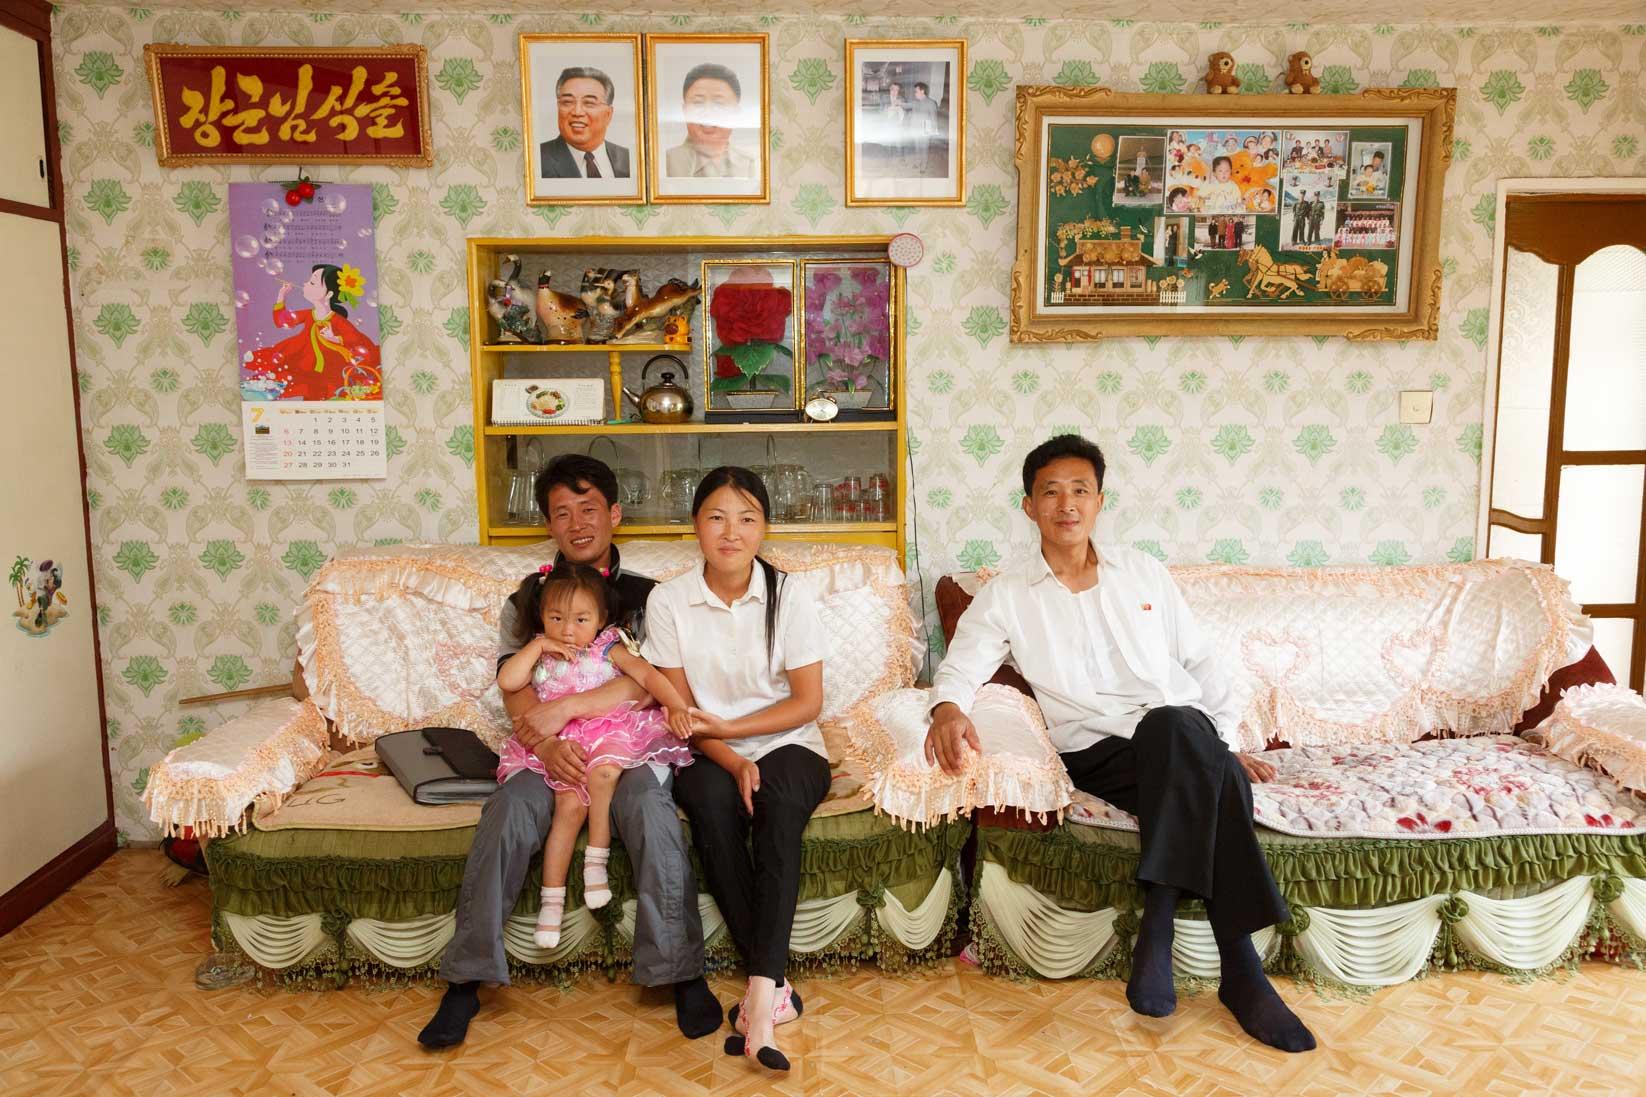 朝鮮でホームステイ その奇妙な世界_b0235153_16334271.jpg